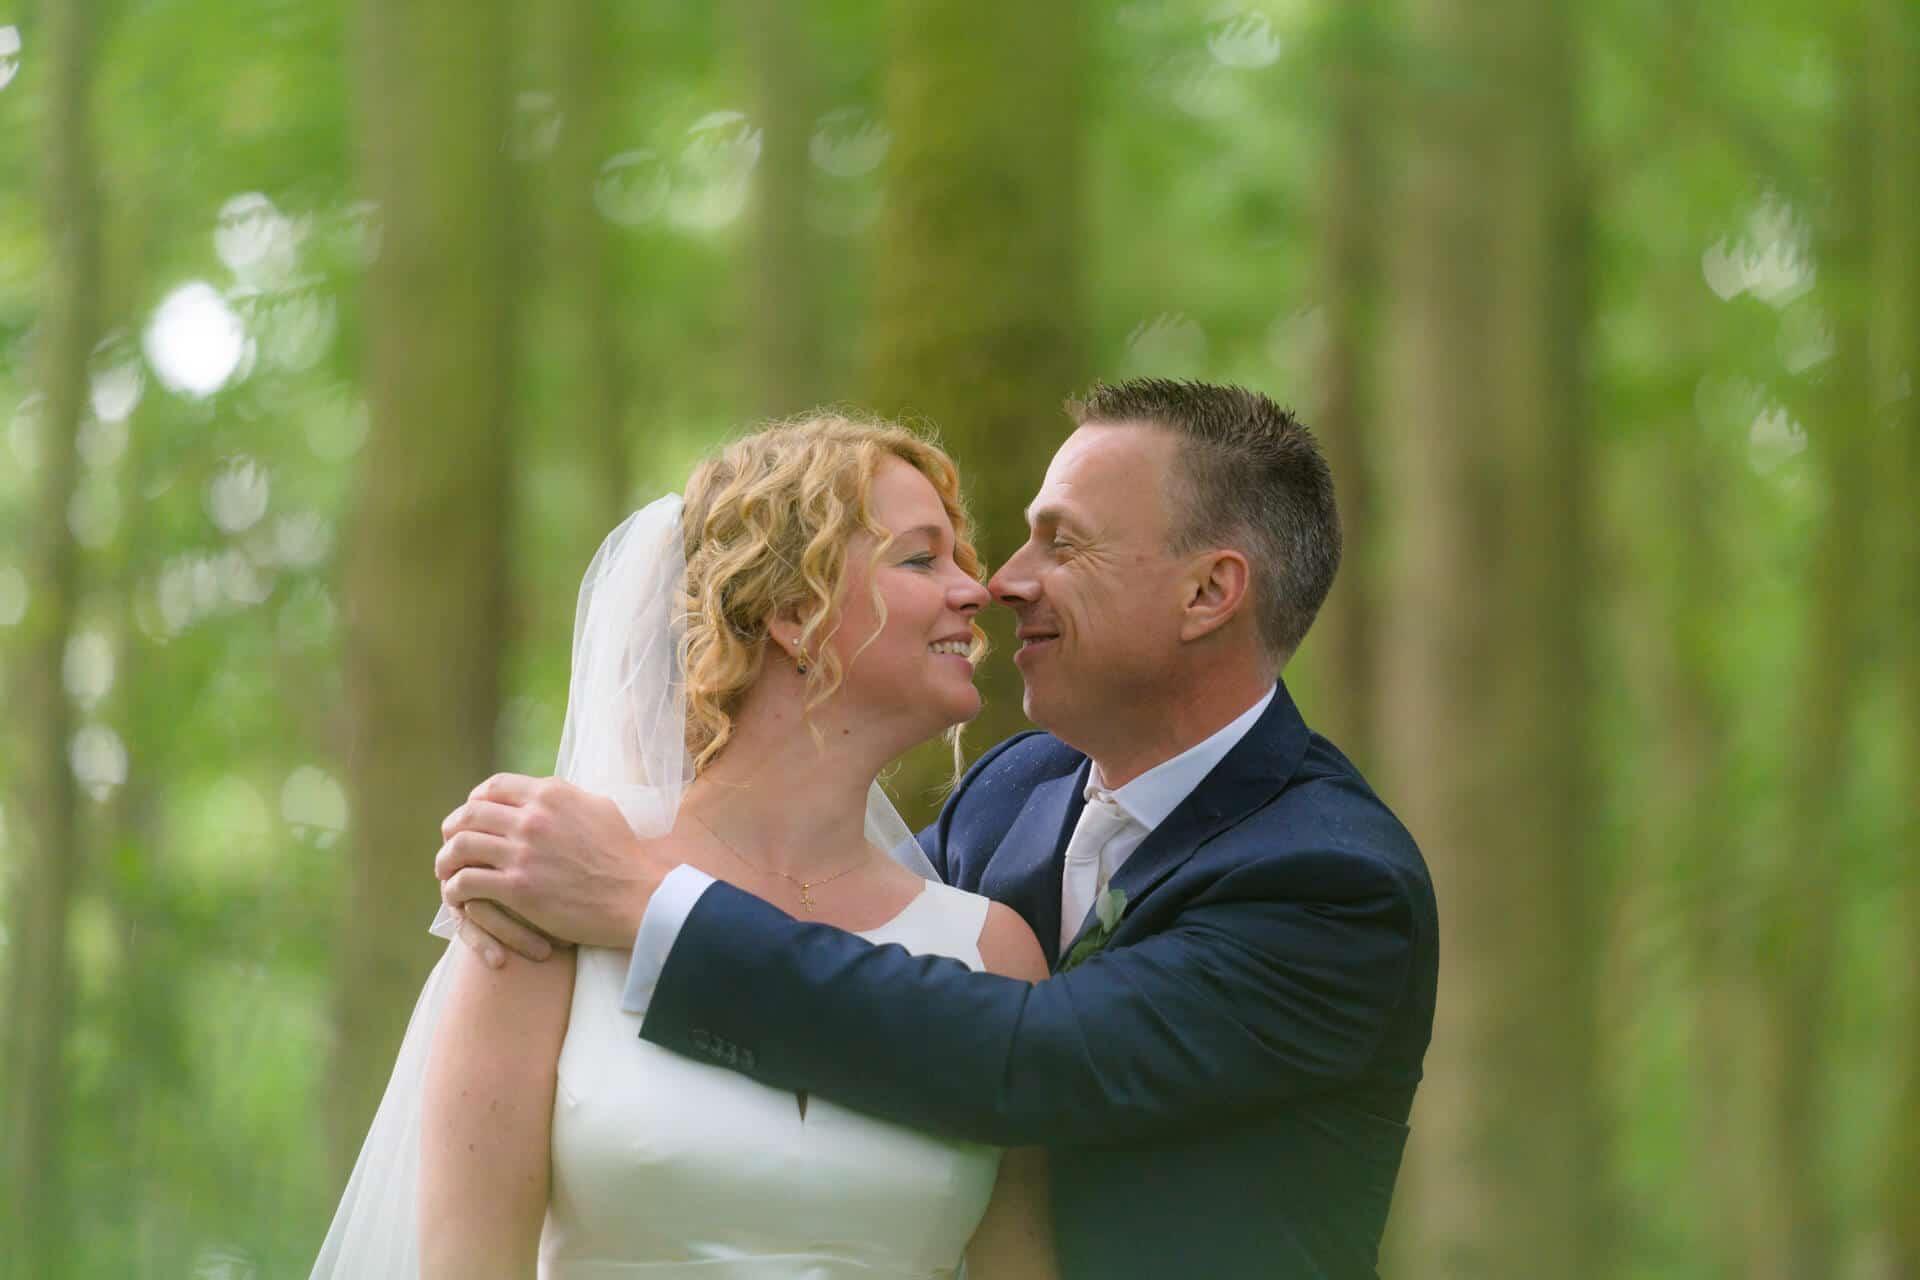 Bruiloft Noordwijk strand trouwen, trouwfoto's door trouwfotograaf Grietje Mesman